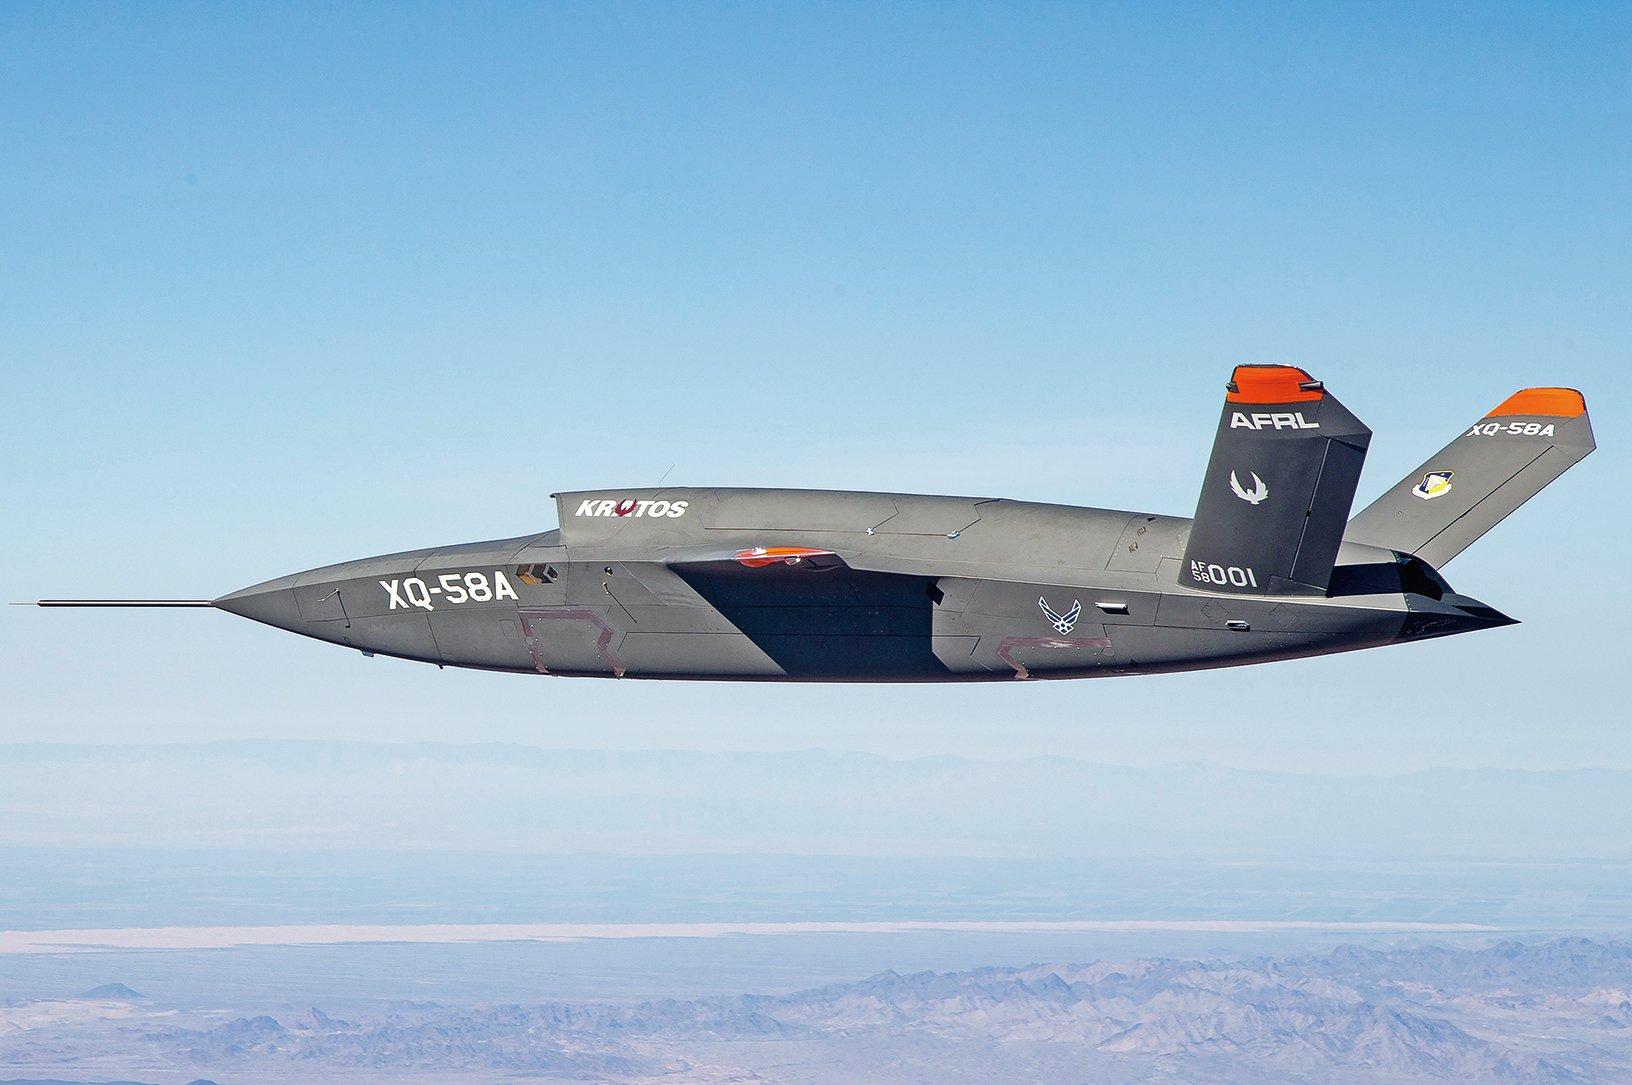 克拉托斯公司研發的XQ-58A女武神(Valkyrie)無人機,2019年3月5日在亞利桑那州猶馬試驗場試飛成功。(U.S. Air Force)